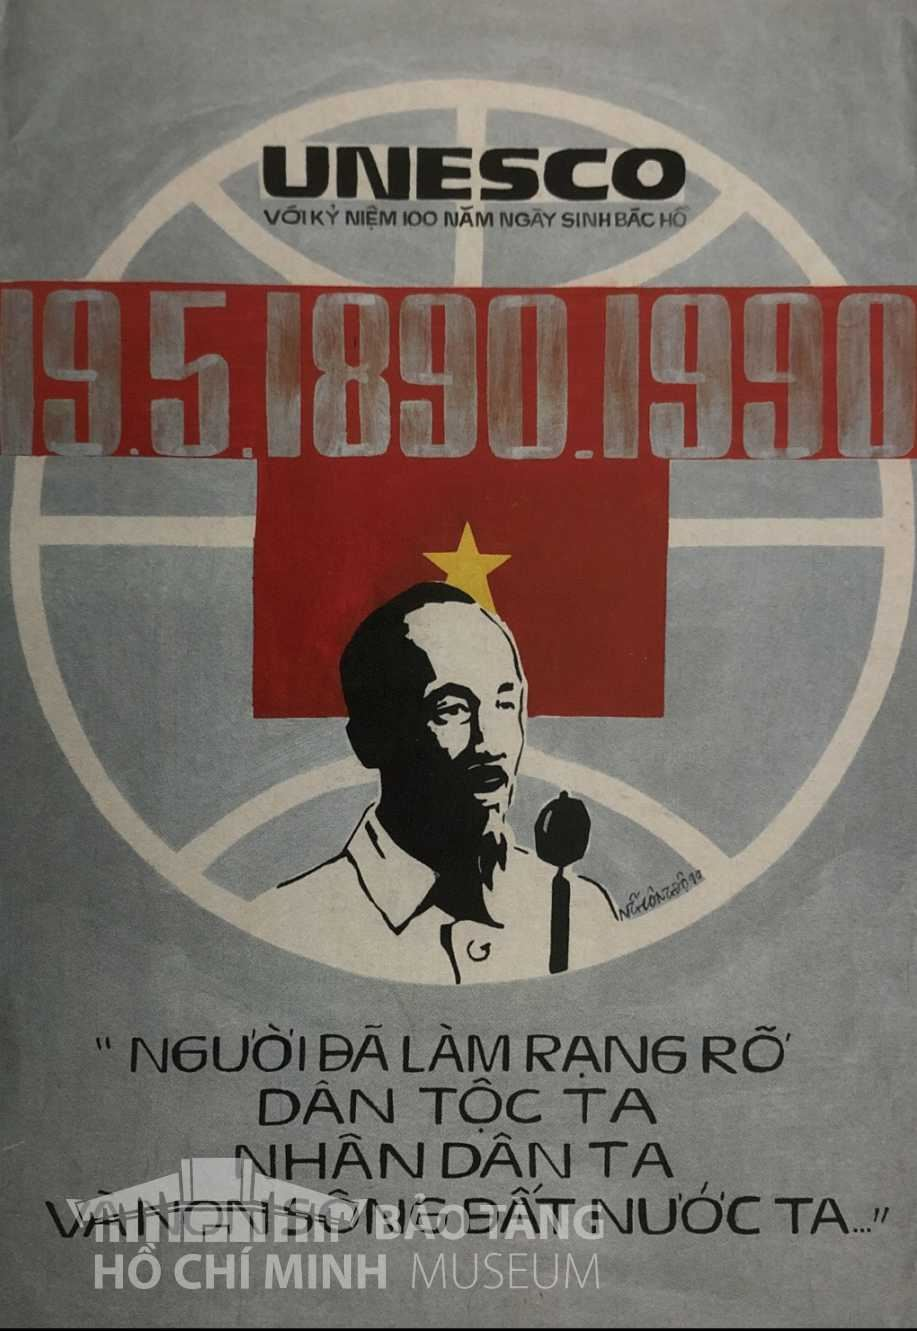 Tranh: Nguyễn Công Độ Bột màu, 1990 Nguồn: Bảo tàng Hồ Chí Minh